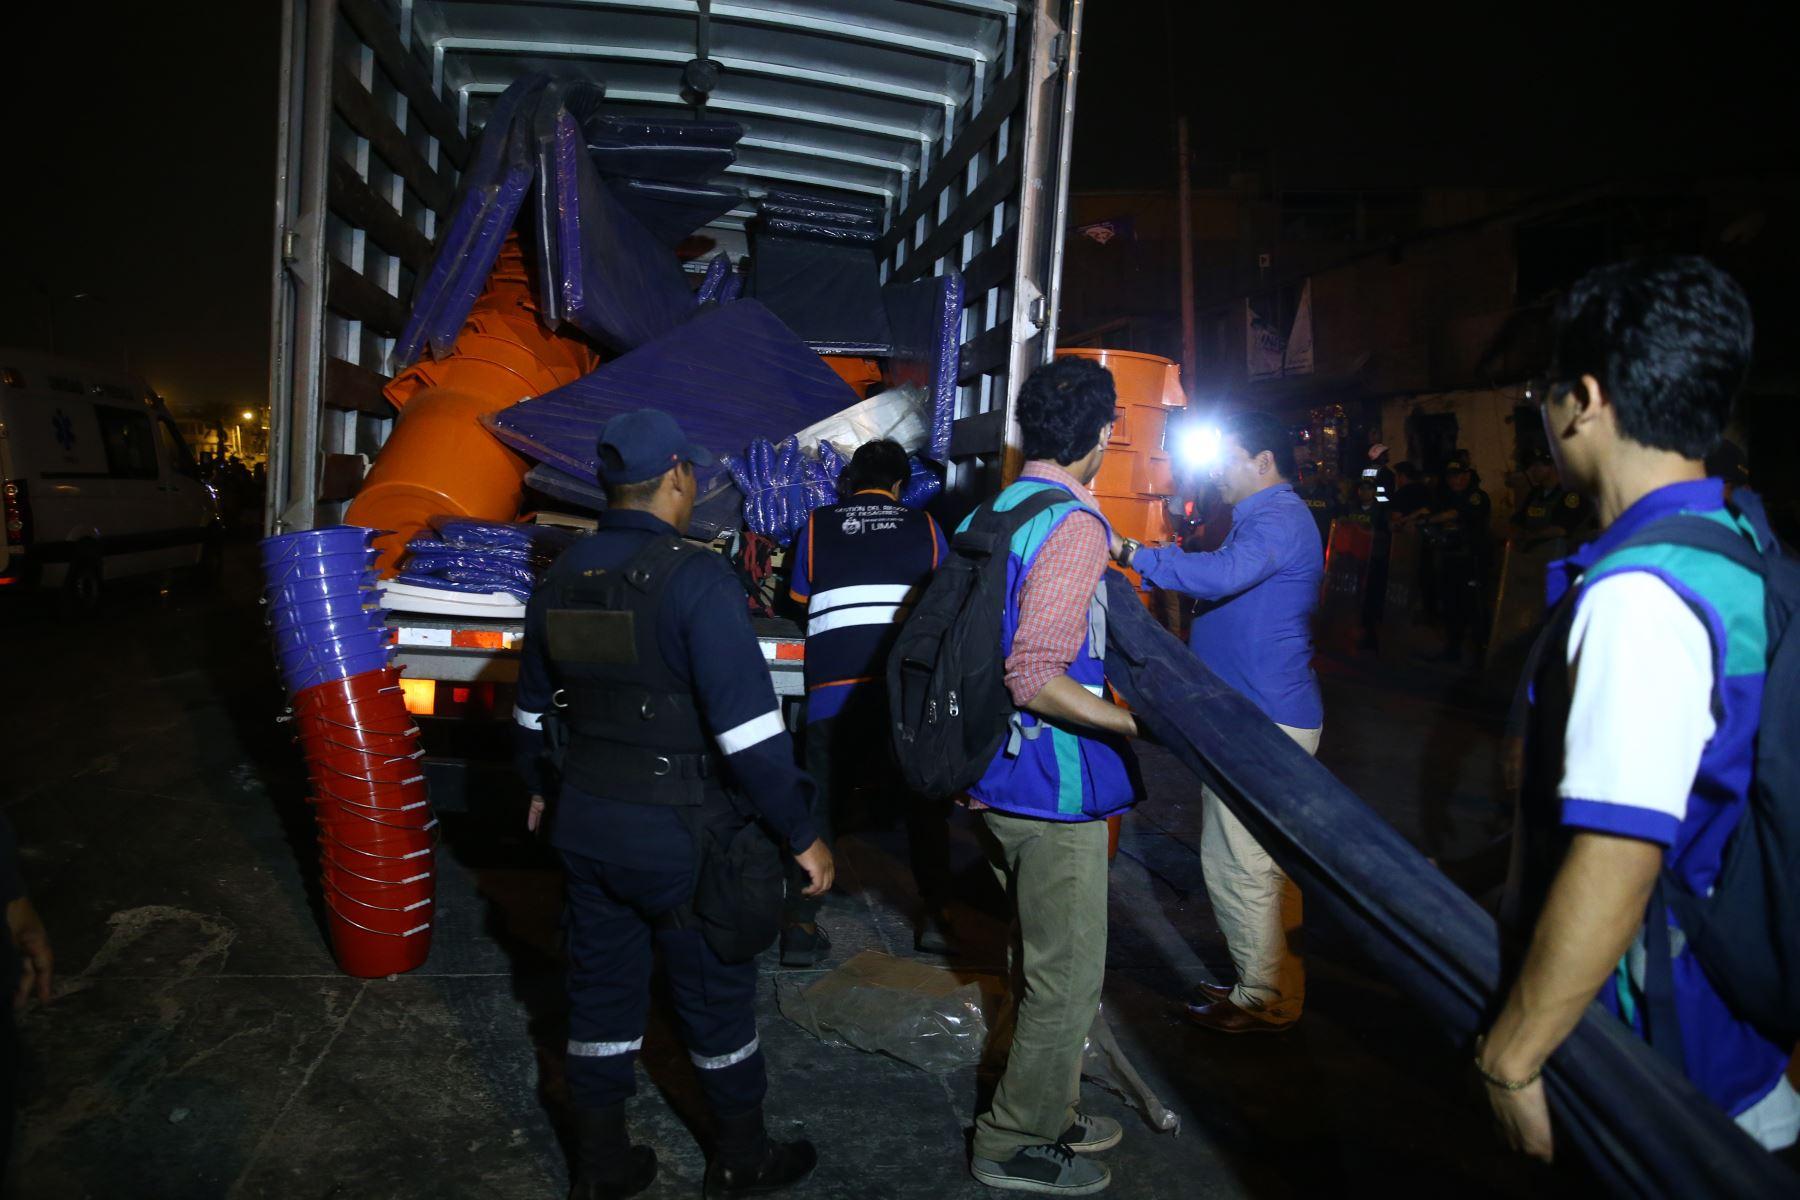 Ayudas de la deflagración ocurrida en Villa el Salvador dejó toda una cuadra con casas dañadas en la calle Villa del Mar. Foto: ANDINA/Vidal Tarqui